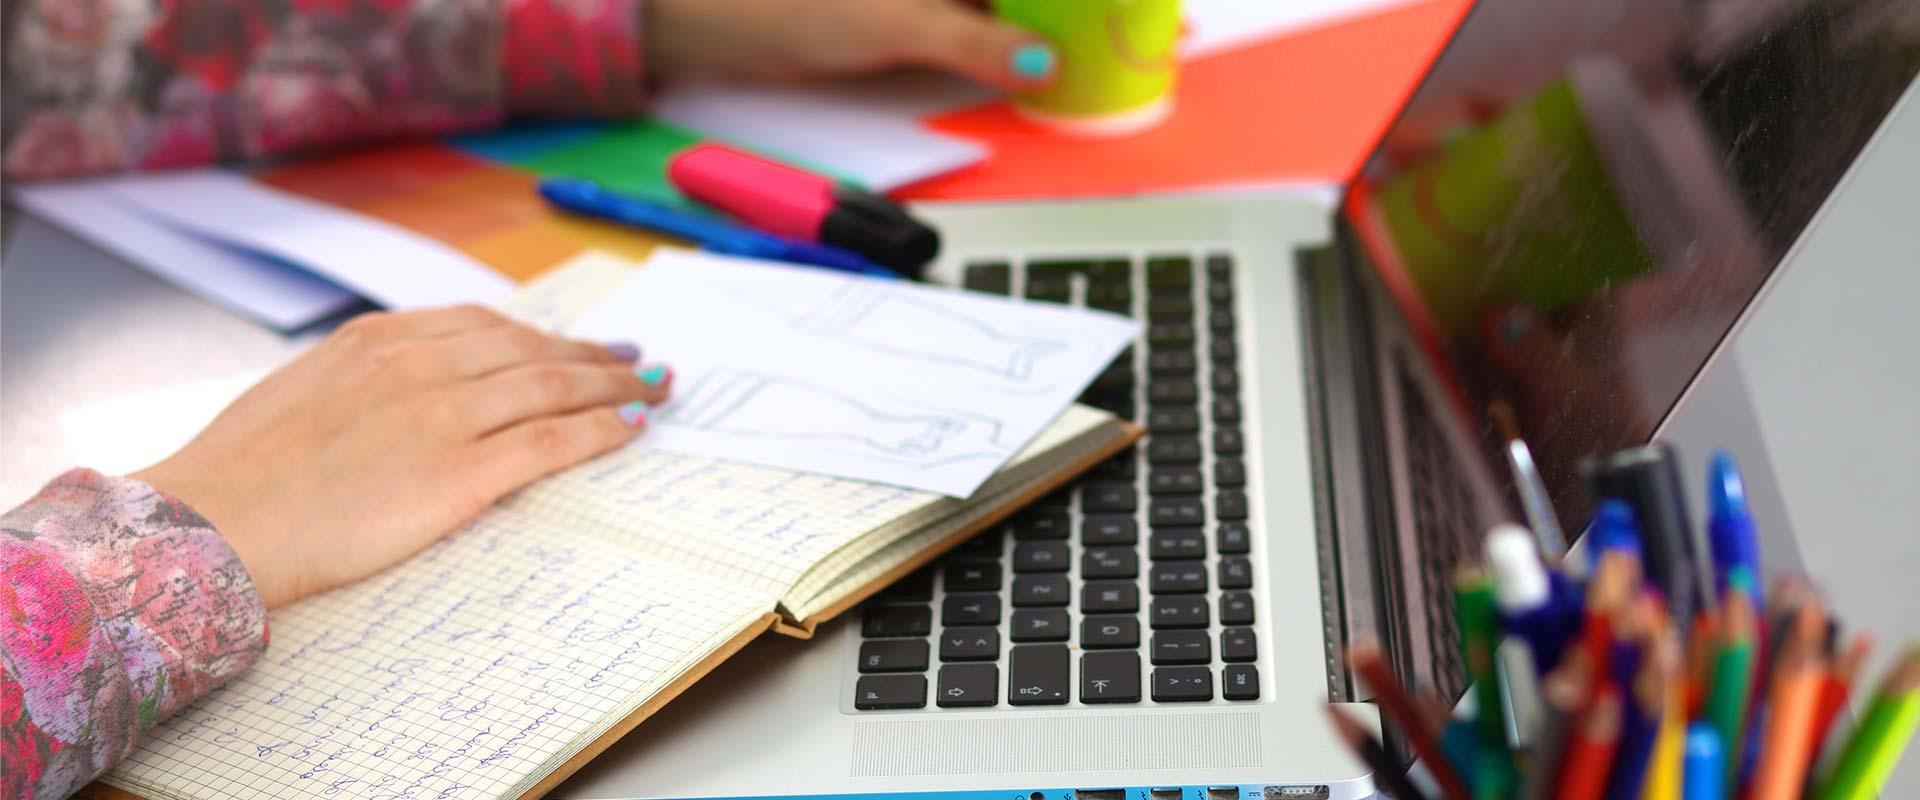 Дорогие сайты - эффективное решение для бизнеса